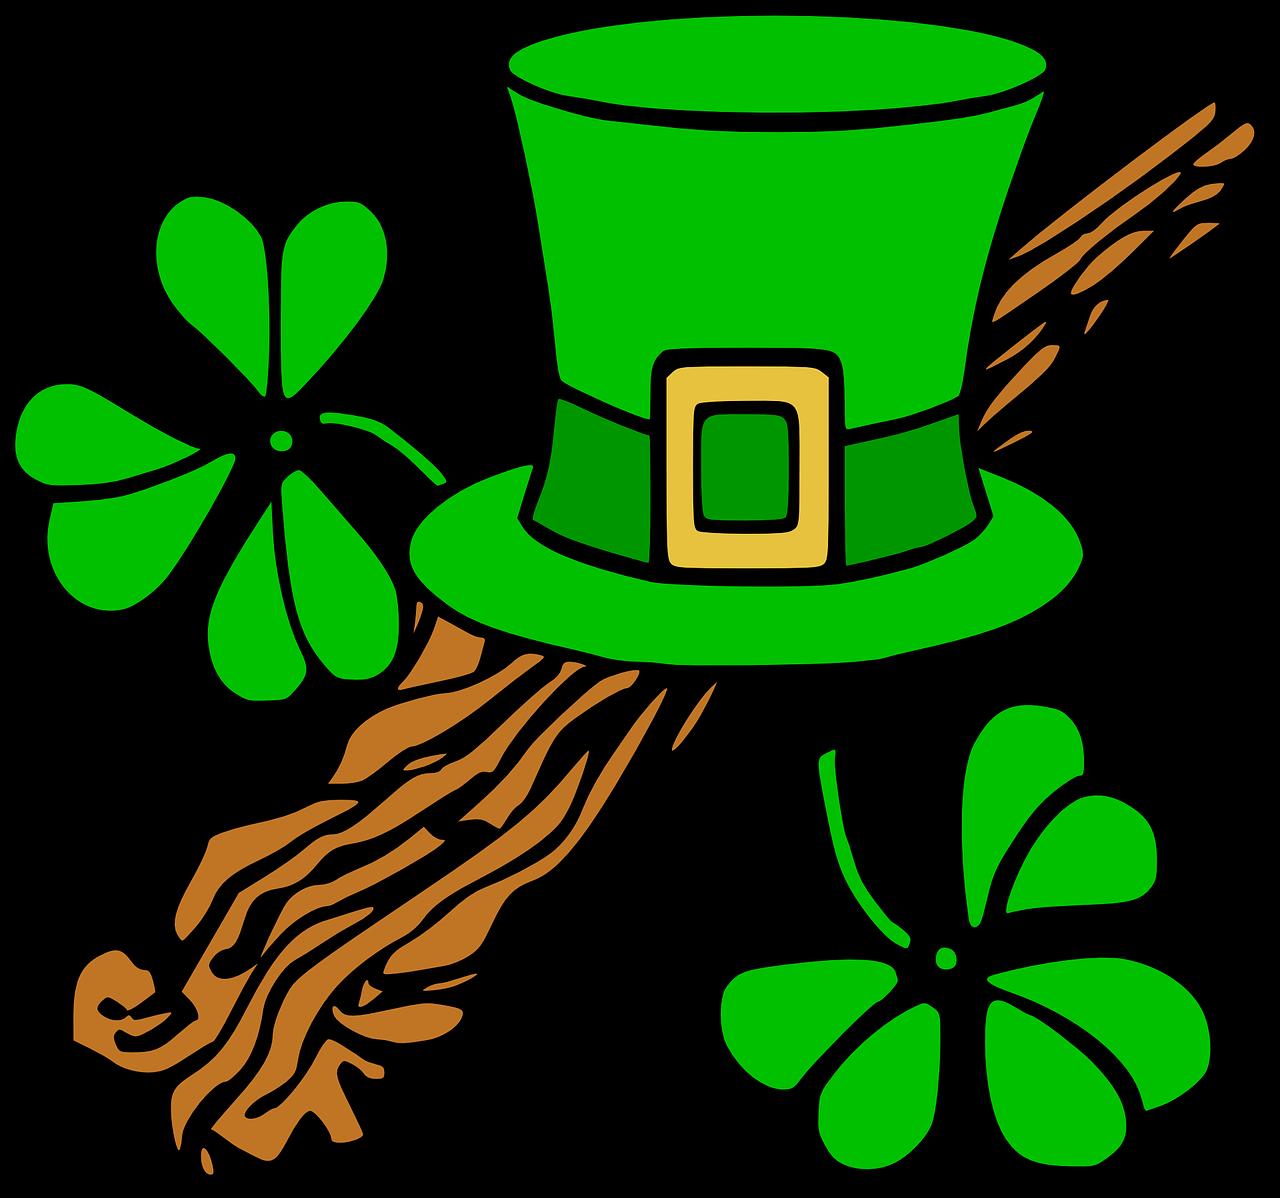 Irish St Pats